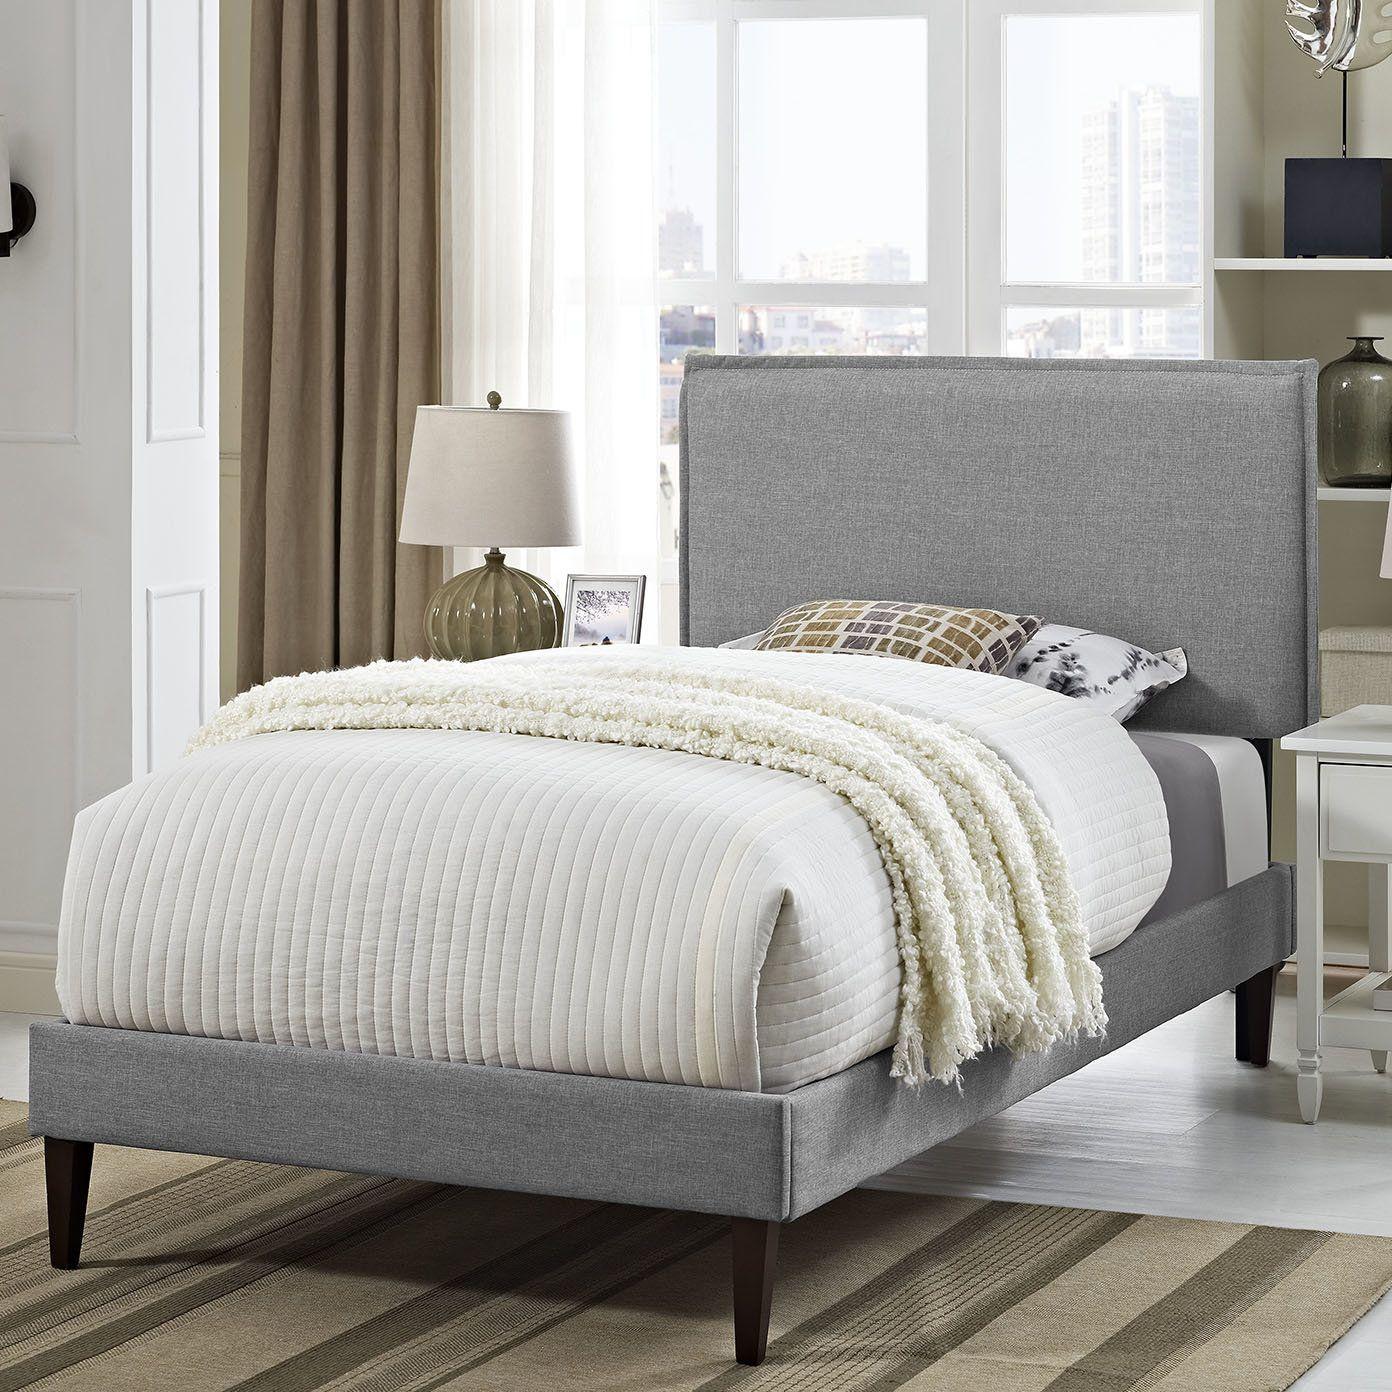 Best Dorinda Spindle Queen Platform Bed Upholstered Platform 400 x 300